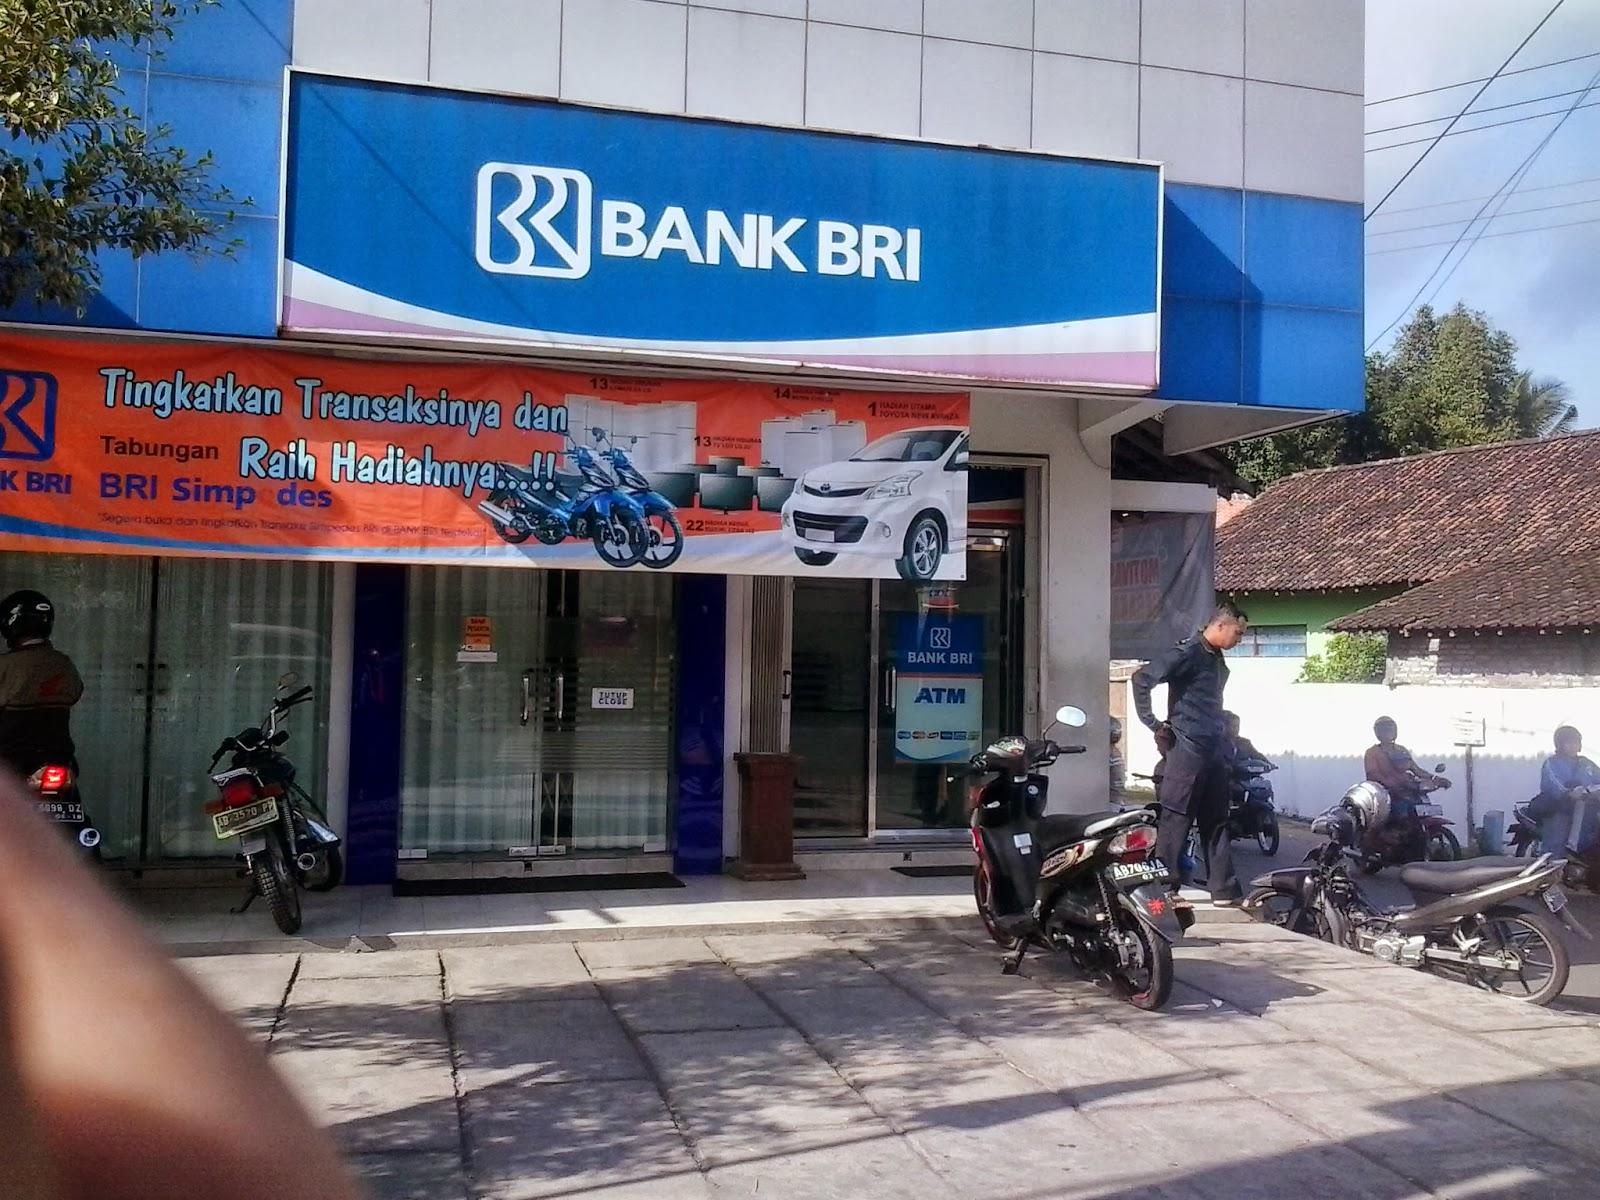 Berikut Daftar Bank Bri Buka Sabtu Ahad Di Semarang Dan Sekitarnya Sch Paperplane